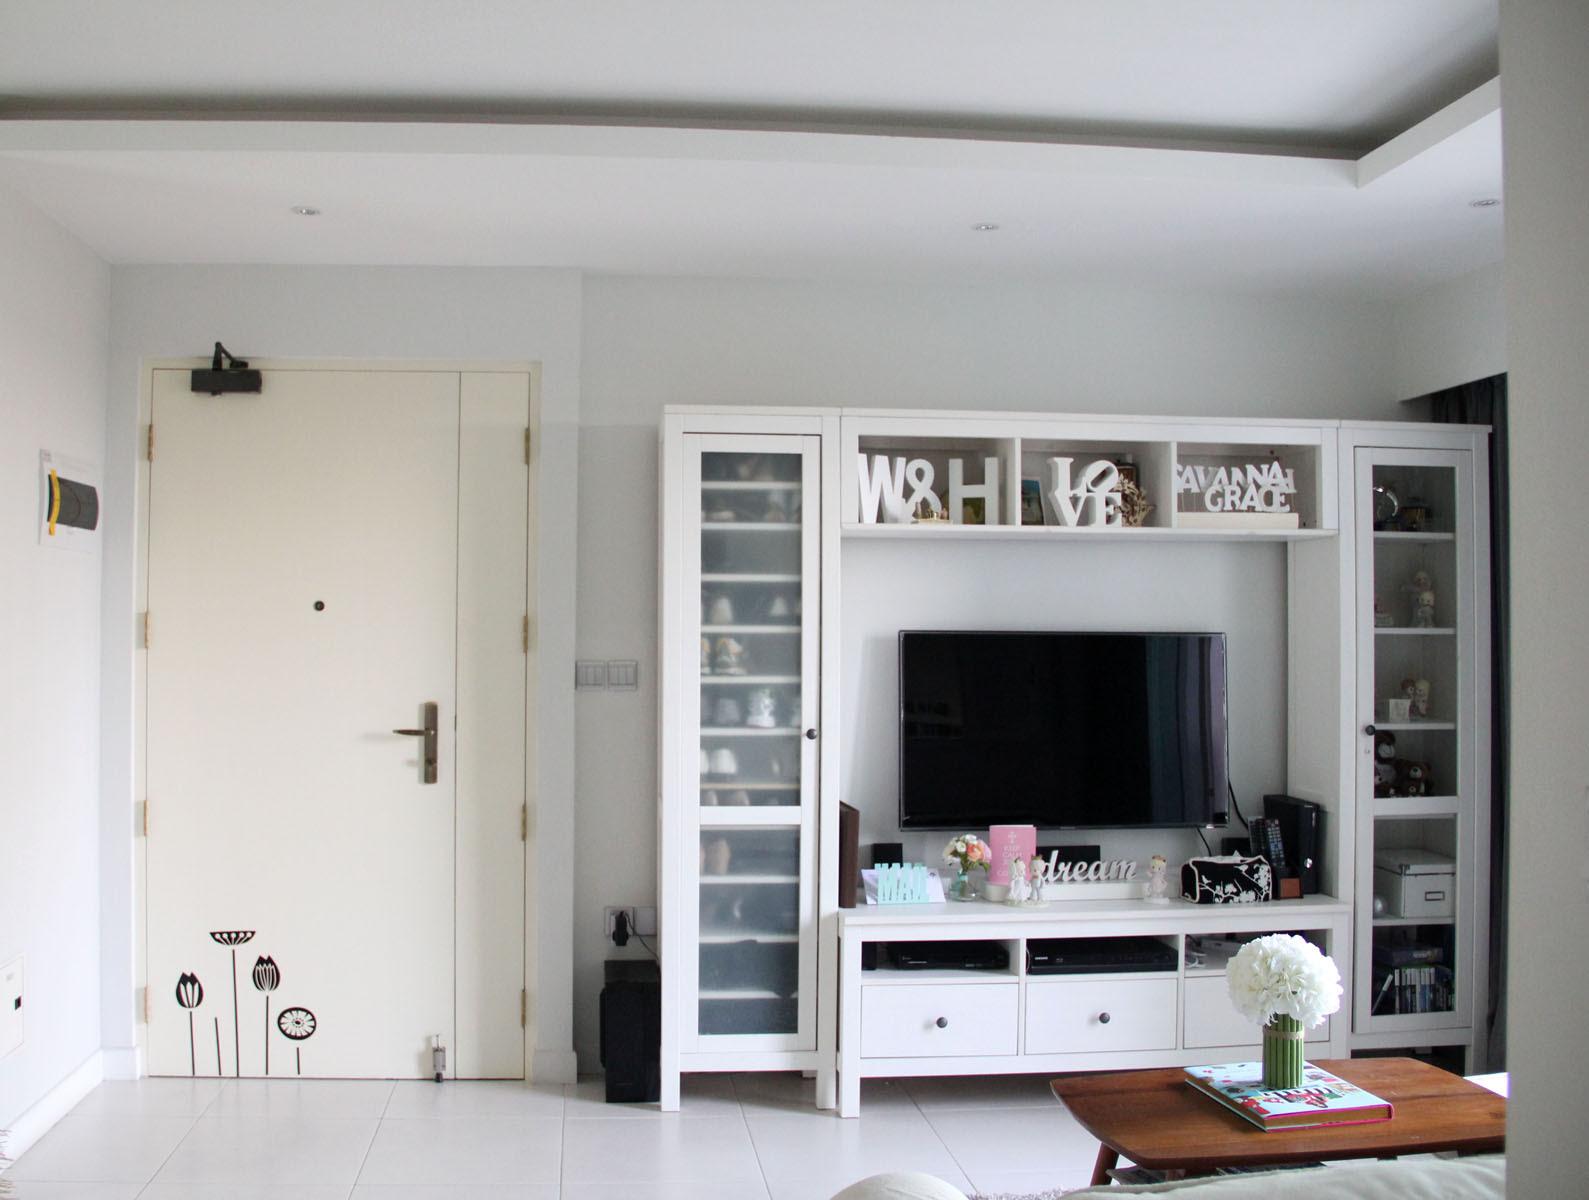 Singapore interior design   we . love . laugh . kiss